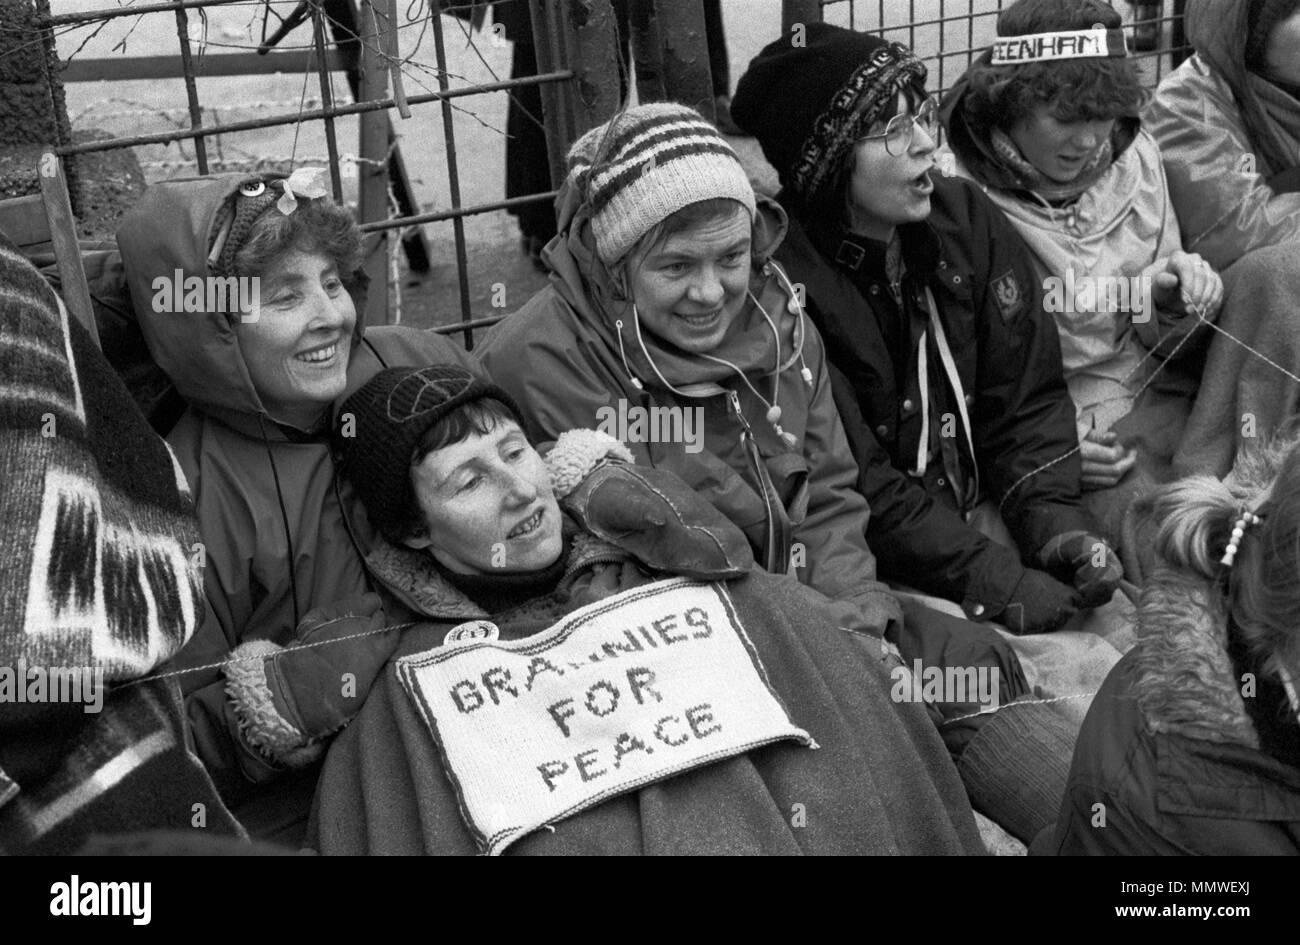 Greenham Common Womens Camp de paix. Les grand-mères pour la paix, les femmes plus âgées s'asseoir 1985 protestation, 1980 UK HOMER SYKES Photo Stock